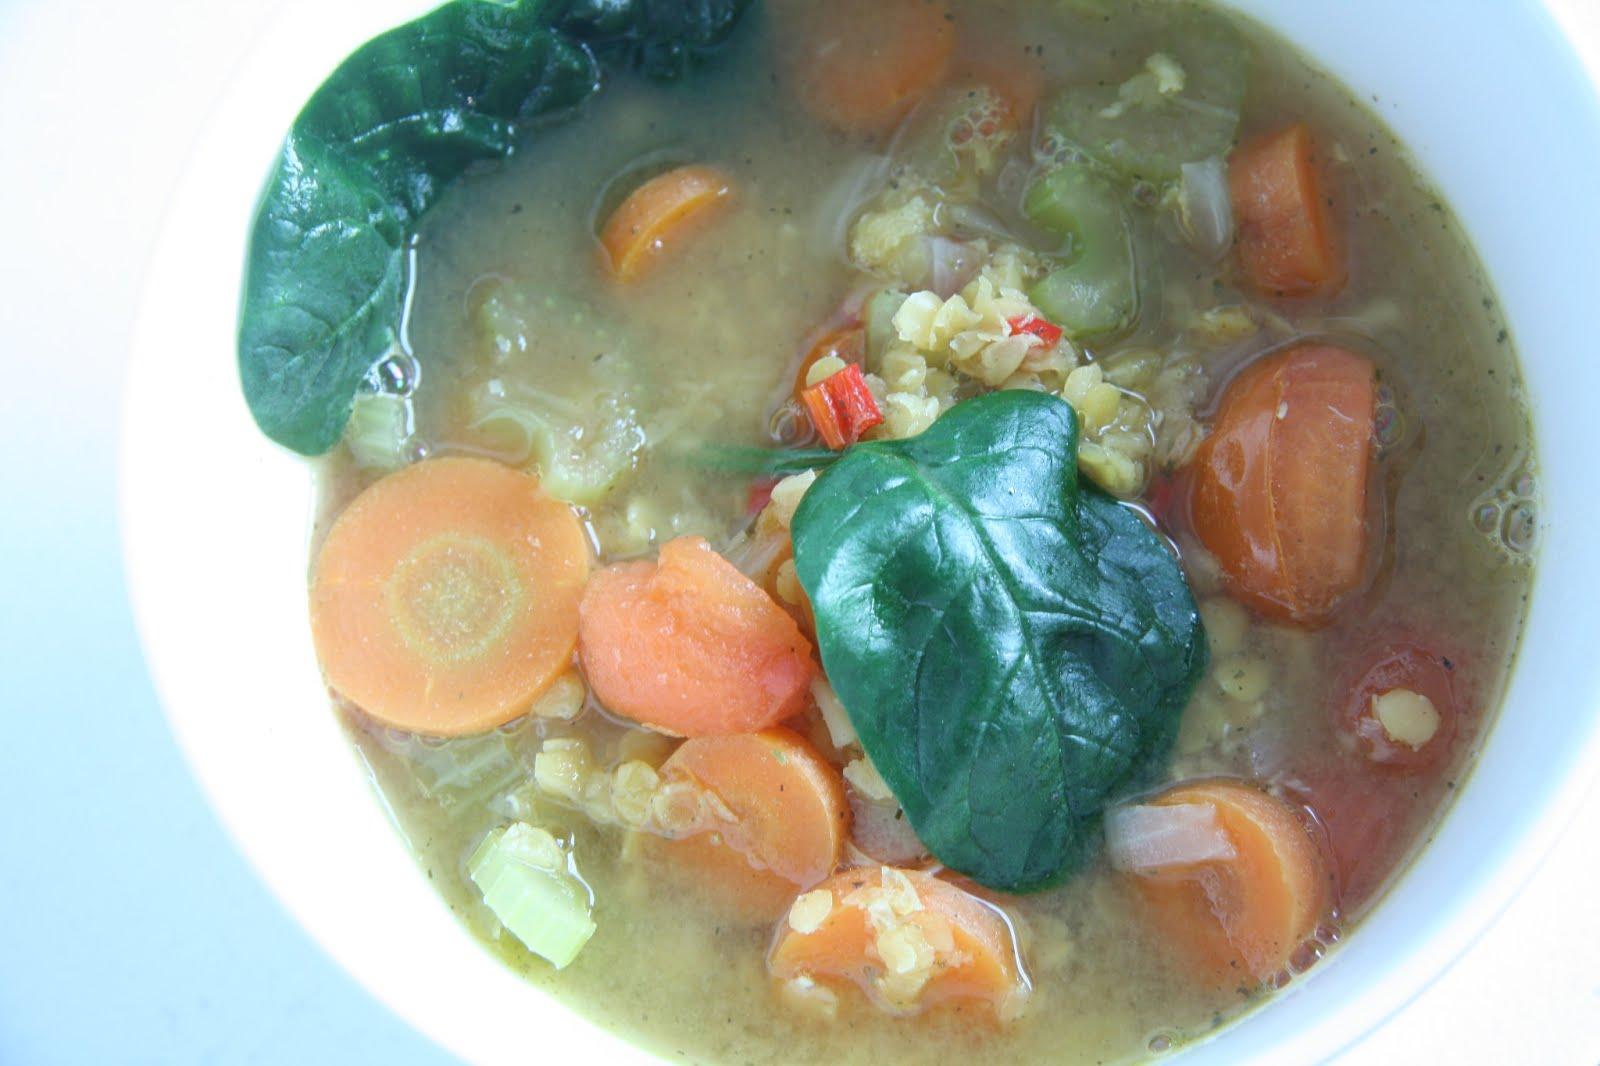 candida dieet soep recept linzen tomaten